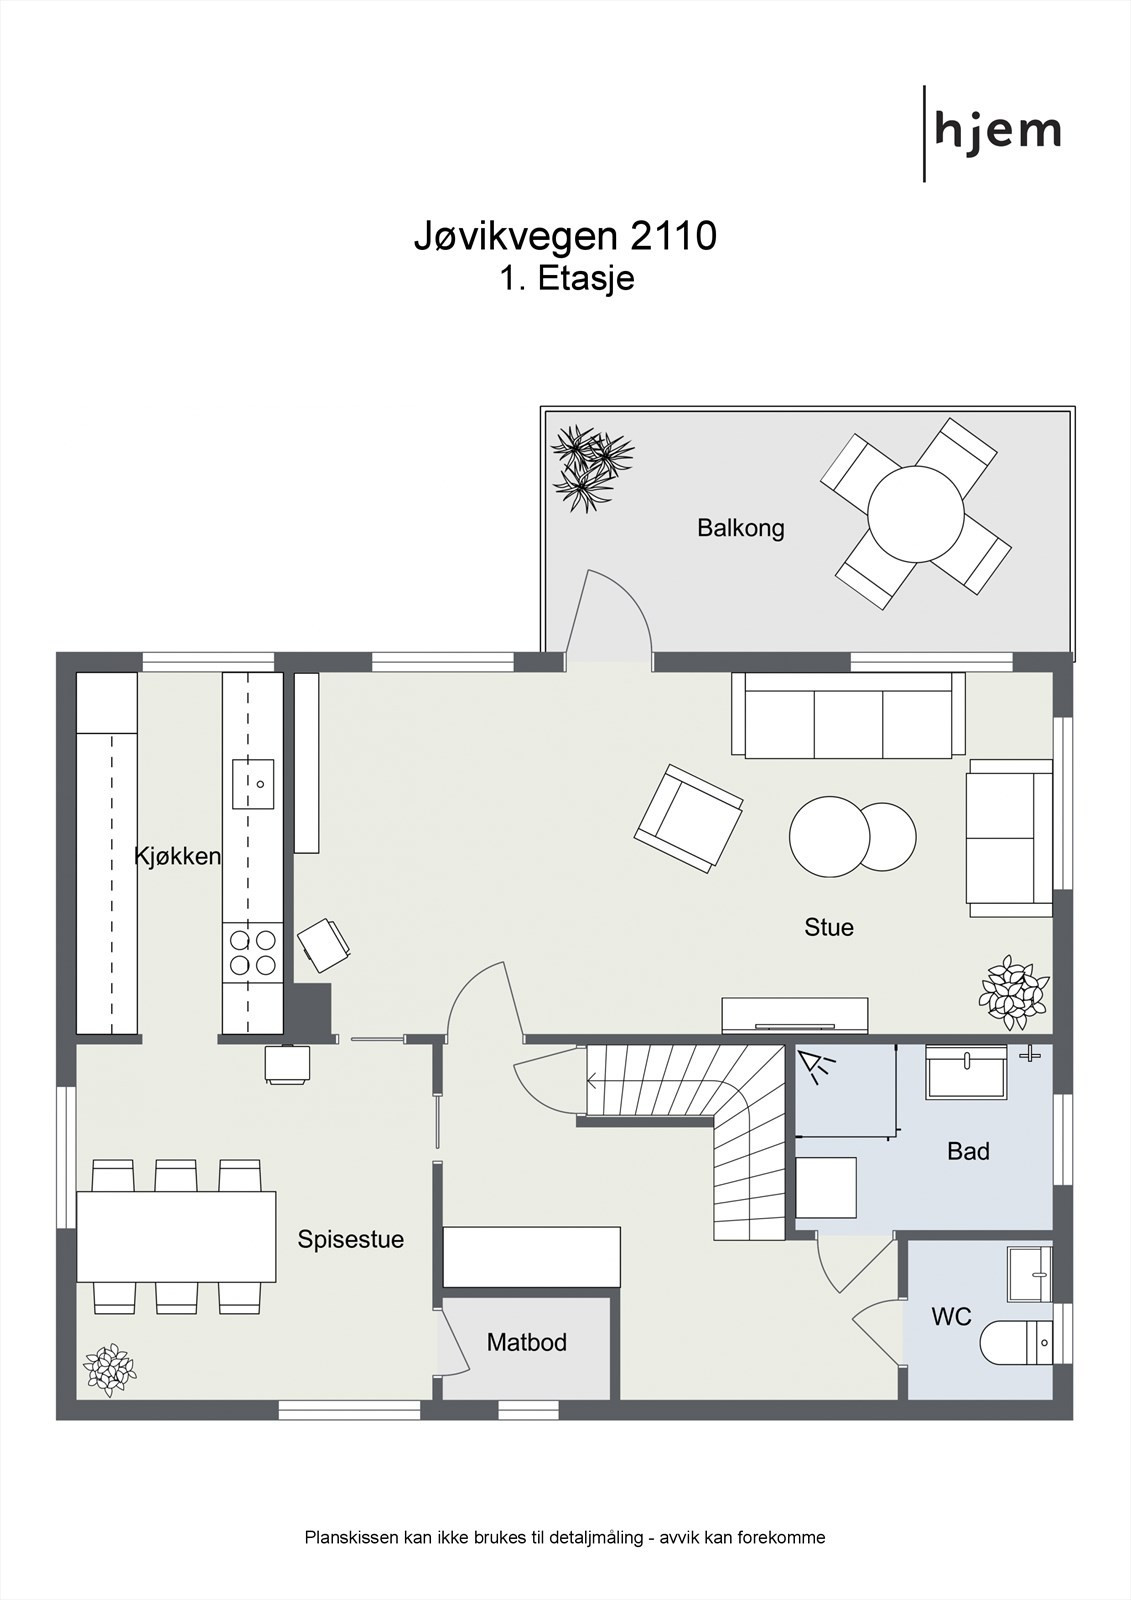 Floorplan letterhead - Jøvikvegen 2110 - 1. Etasje - 2D Floor Plan